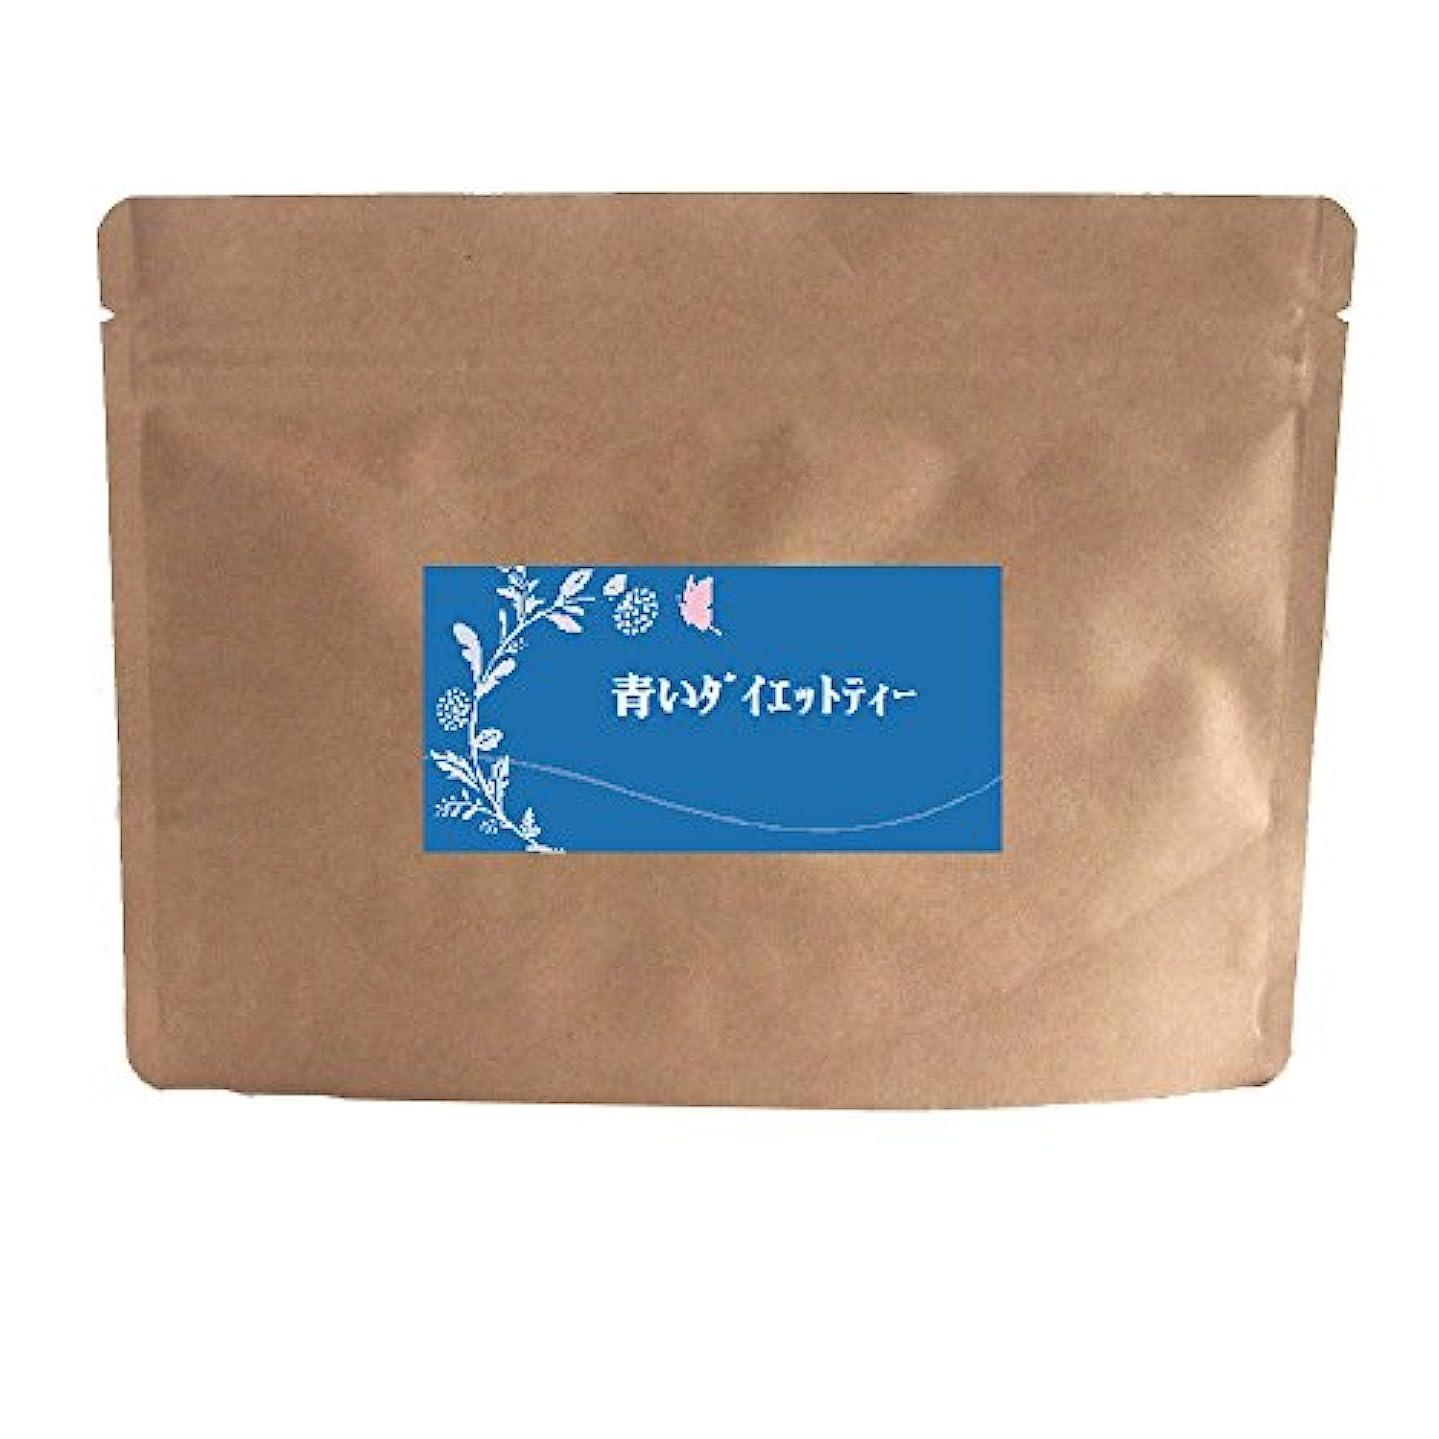 タップベスビオ山通貨青いダイエットティー156g バタフライピー 難消化性デキストリン ダイエットドリンク 粉末 パウダー